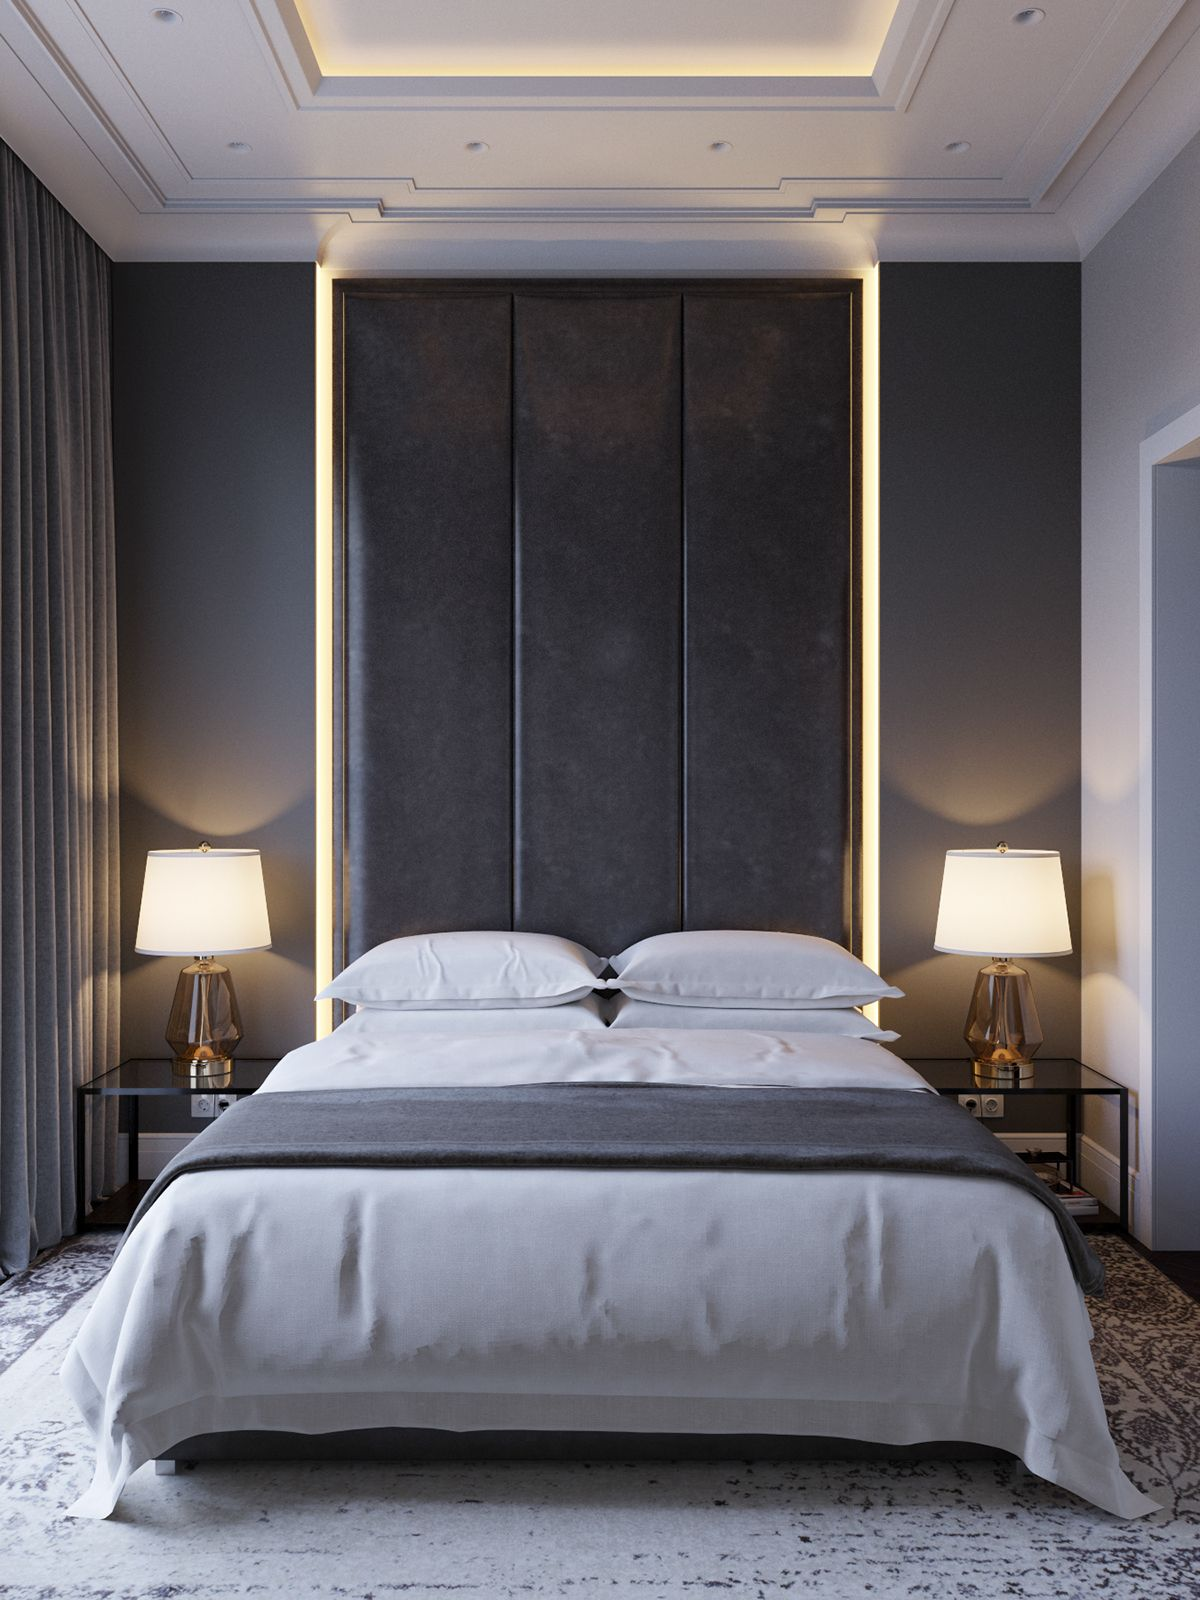 Modern Bedroom on Behance | 床頭造型 | Pinterest | Lena ...